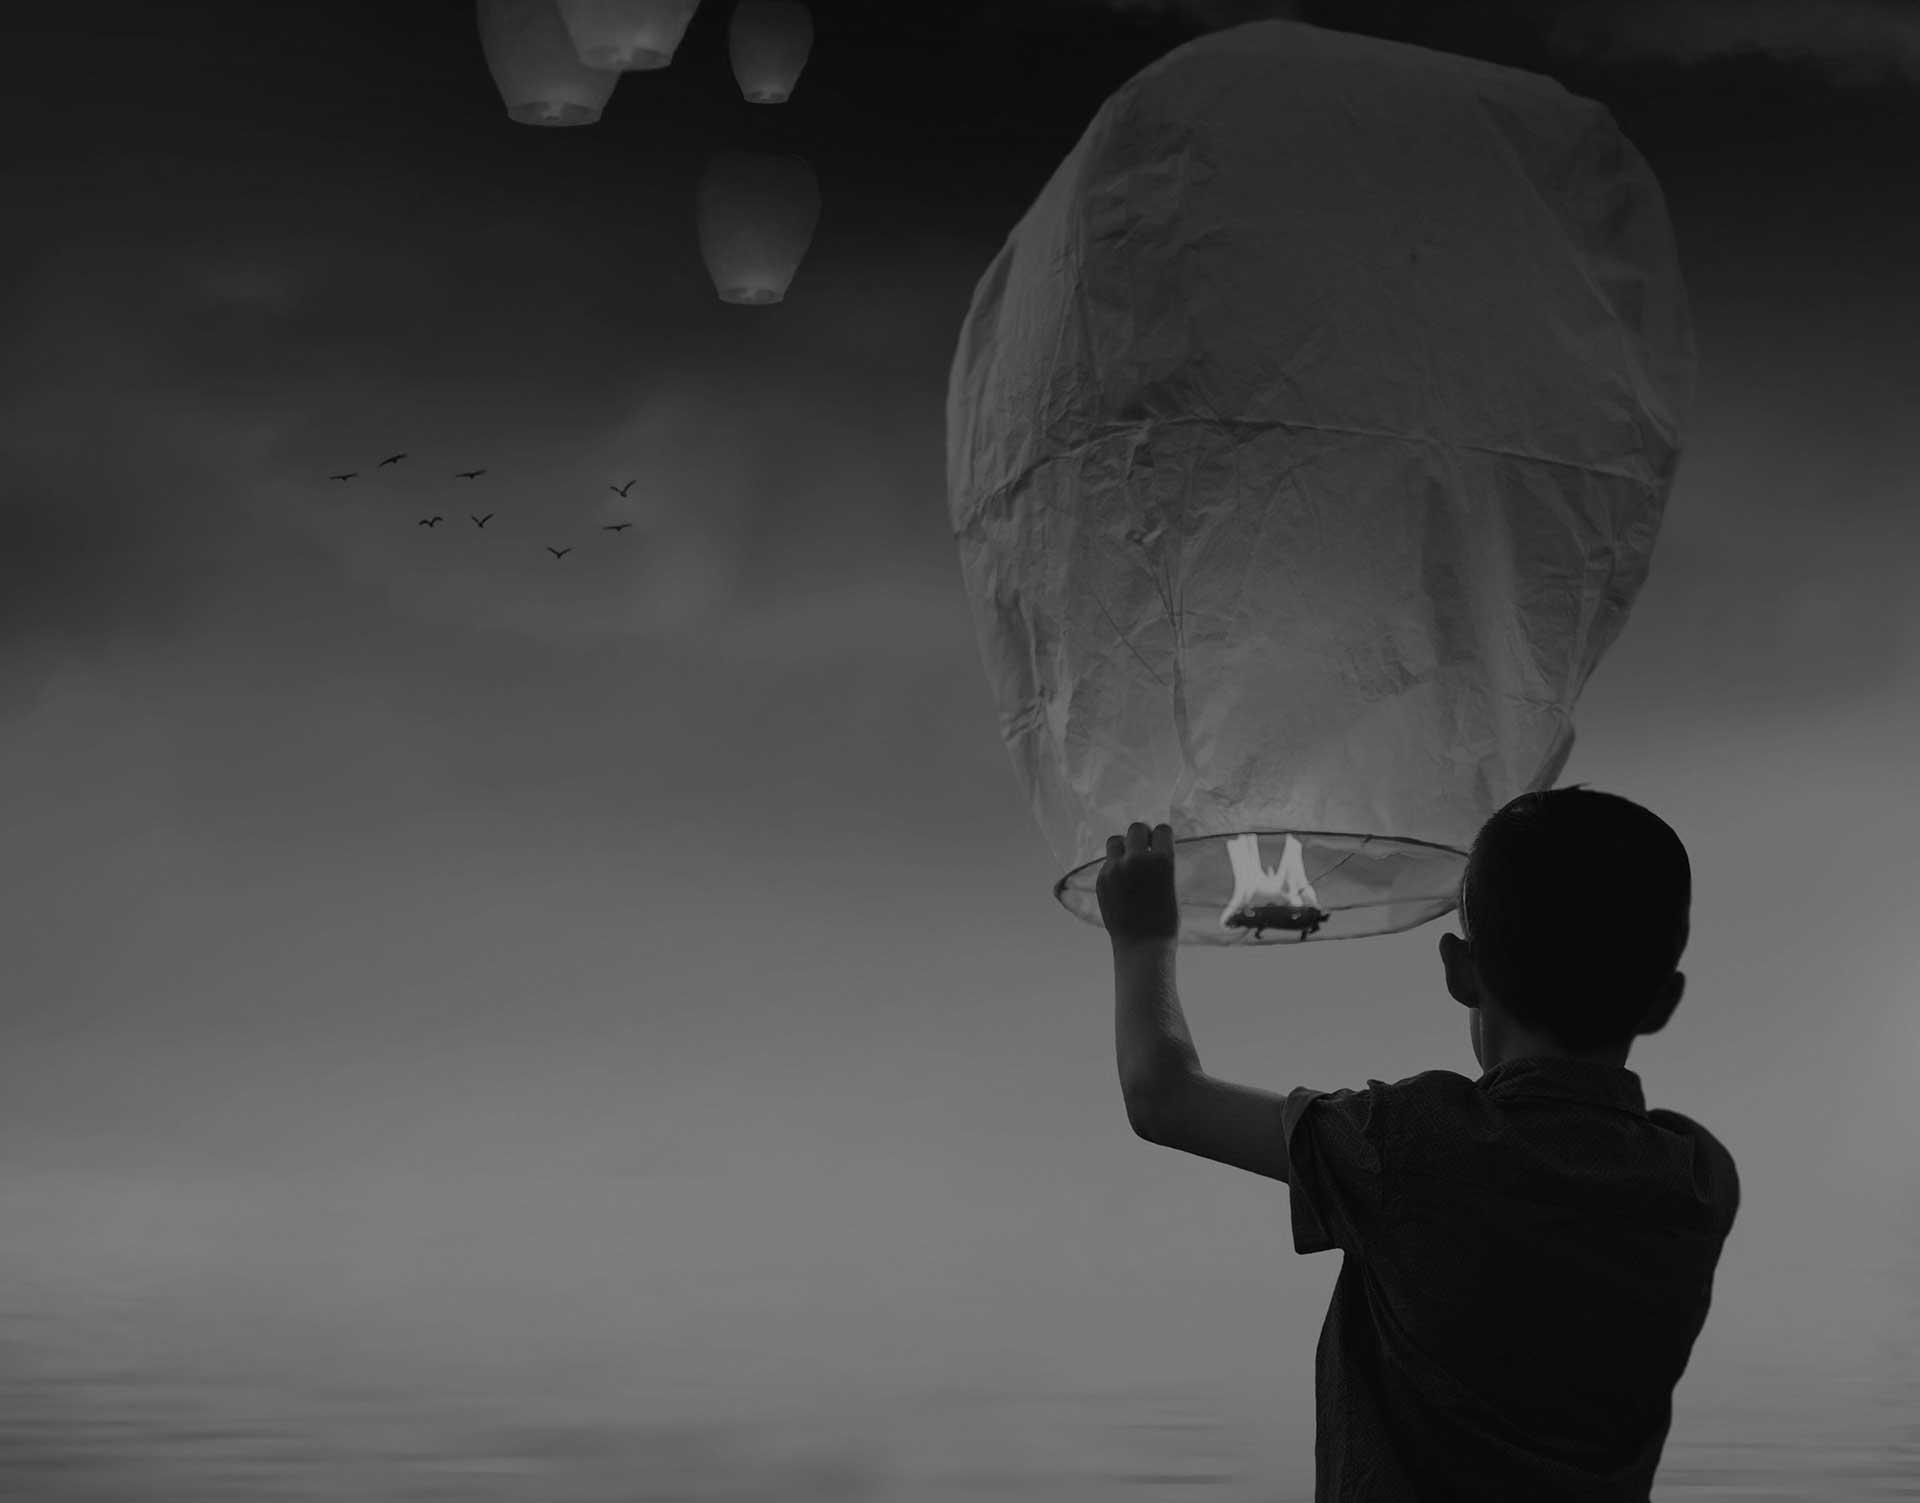 balloon-3206530_1920-(1)